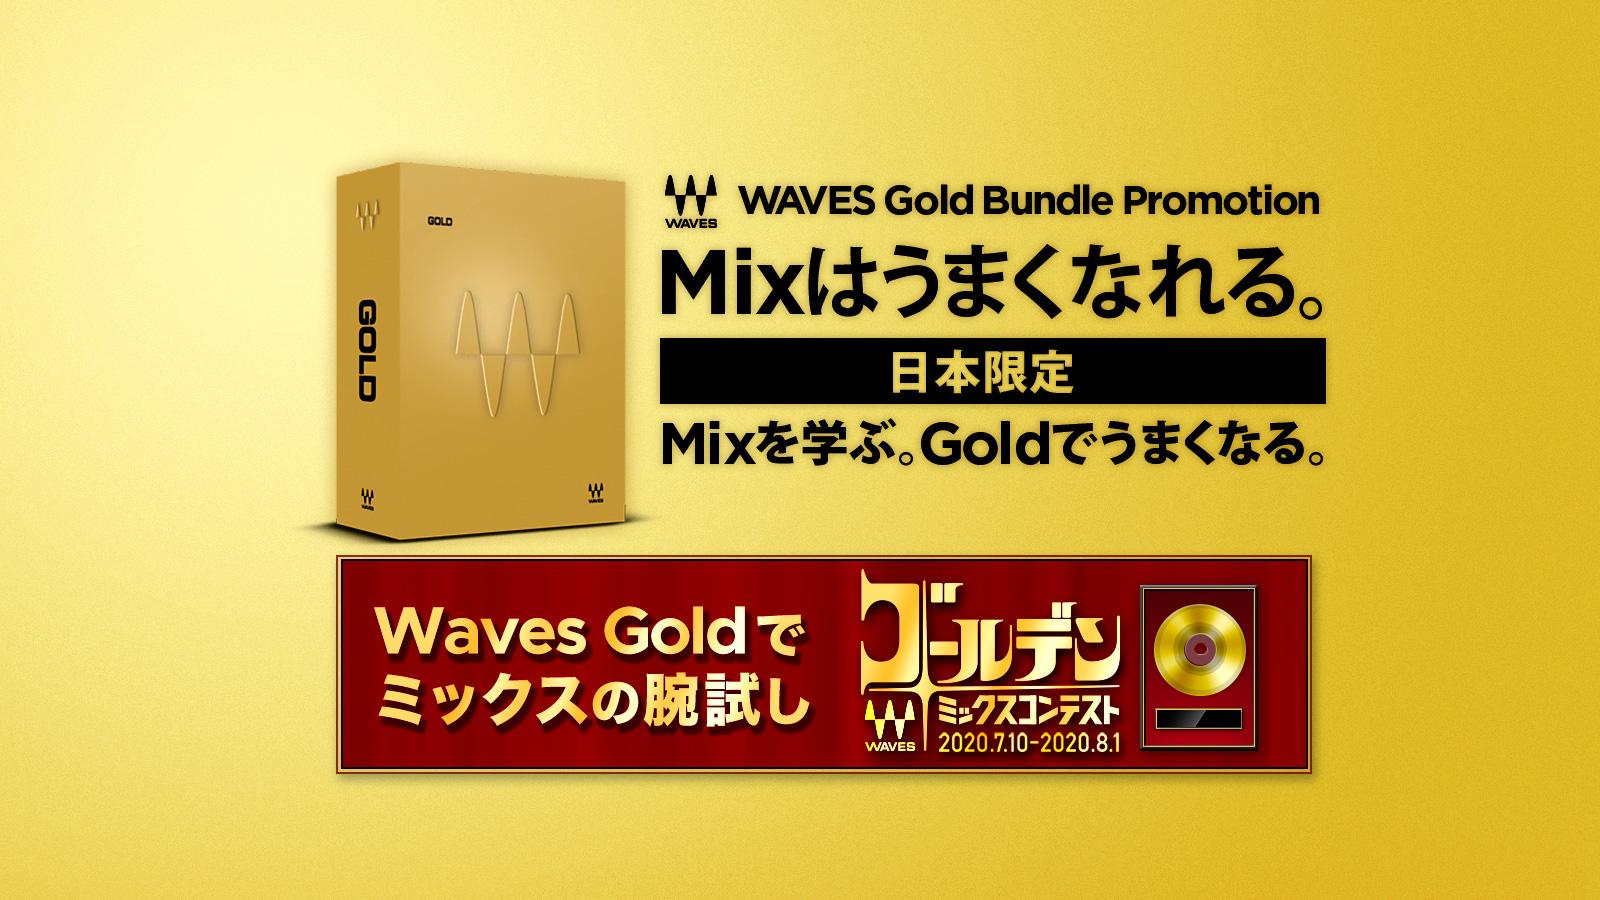 【日本限定】必携定番バンドル Waves Gold が10,000円!コンテストも開催